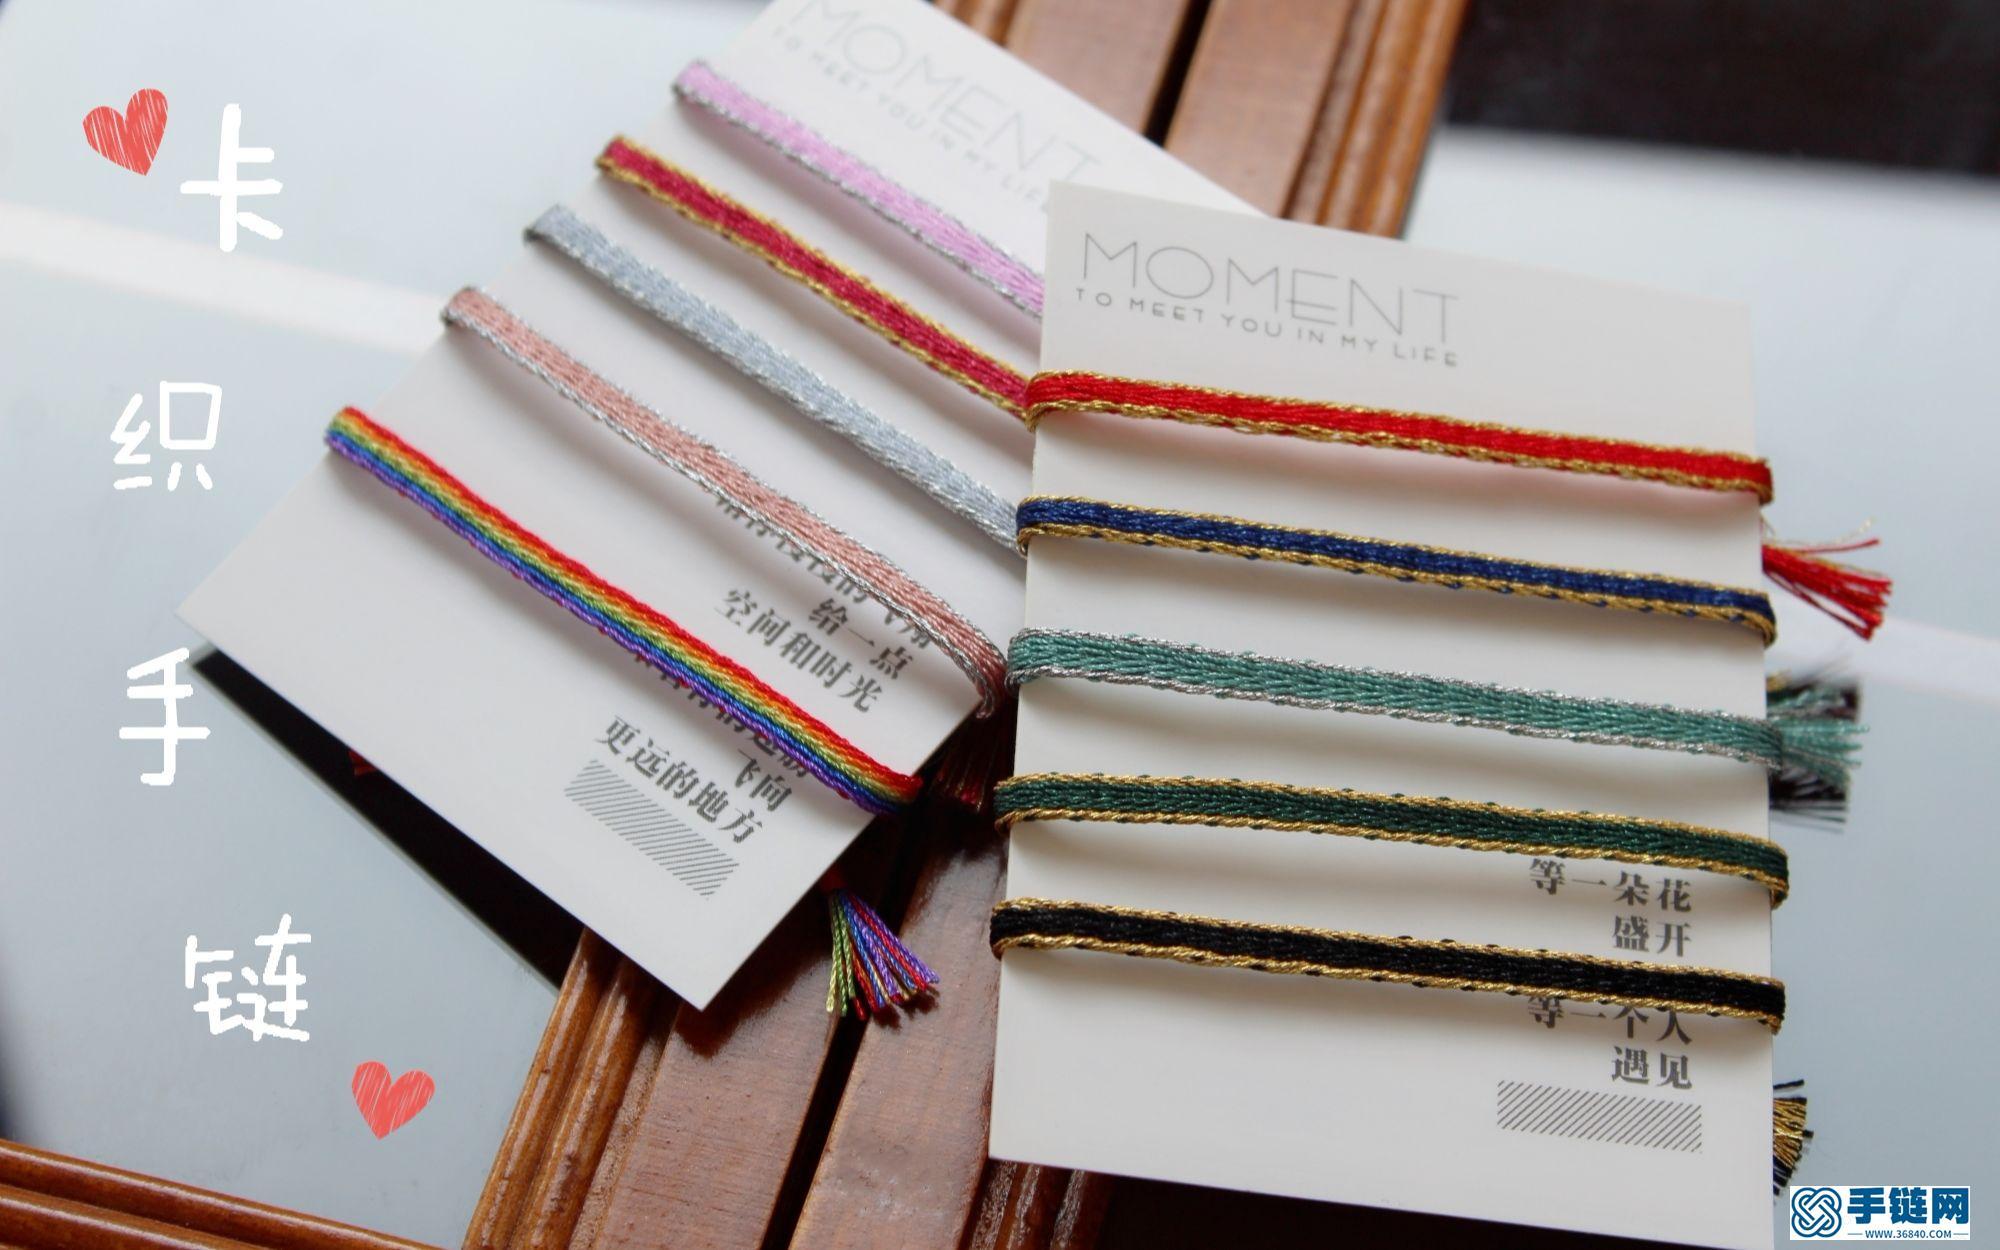 北欧卡织 细款撞色金银丝手绳 DIY 神奇小卡片翻一翻就可以织出精美的手链哦~